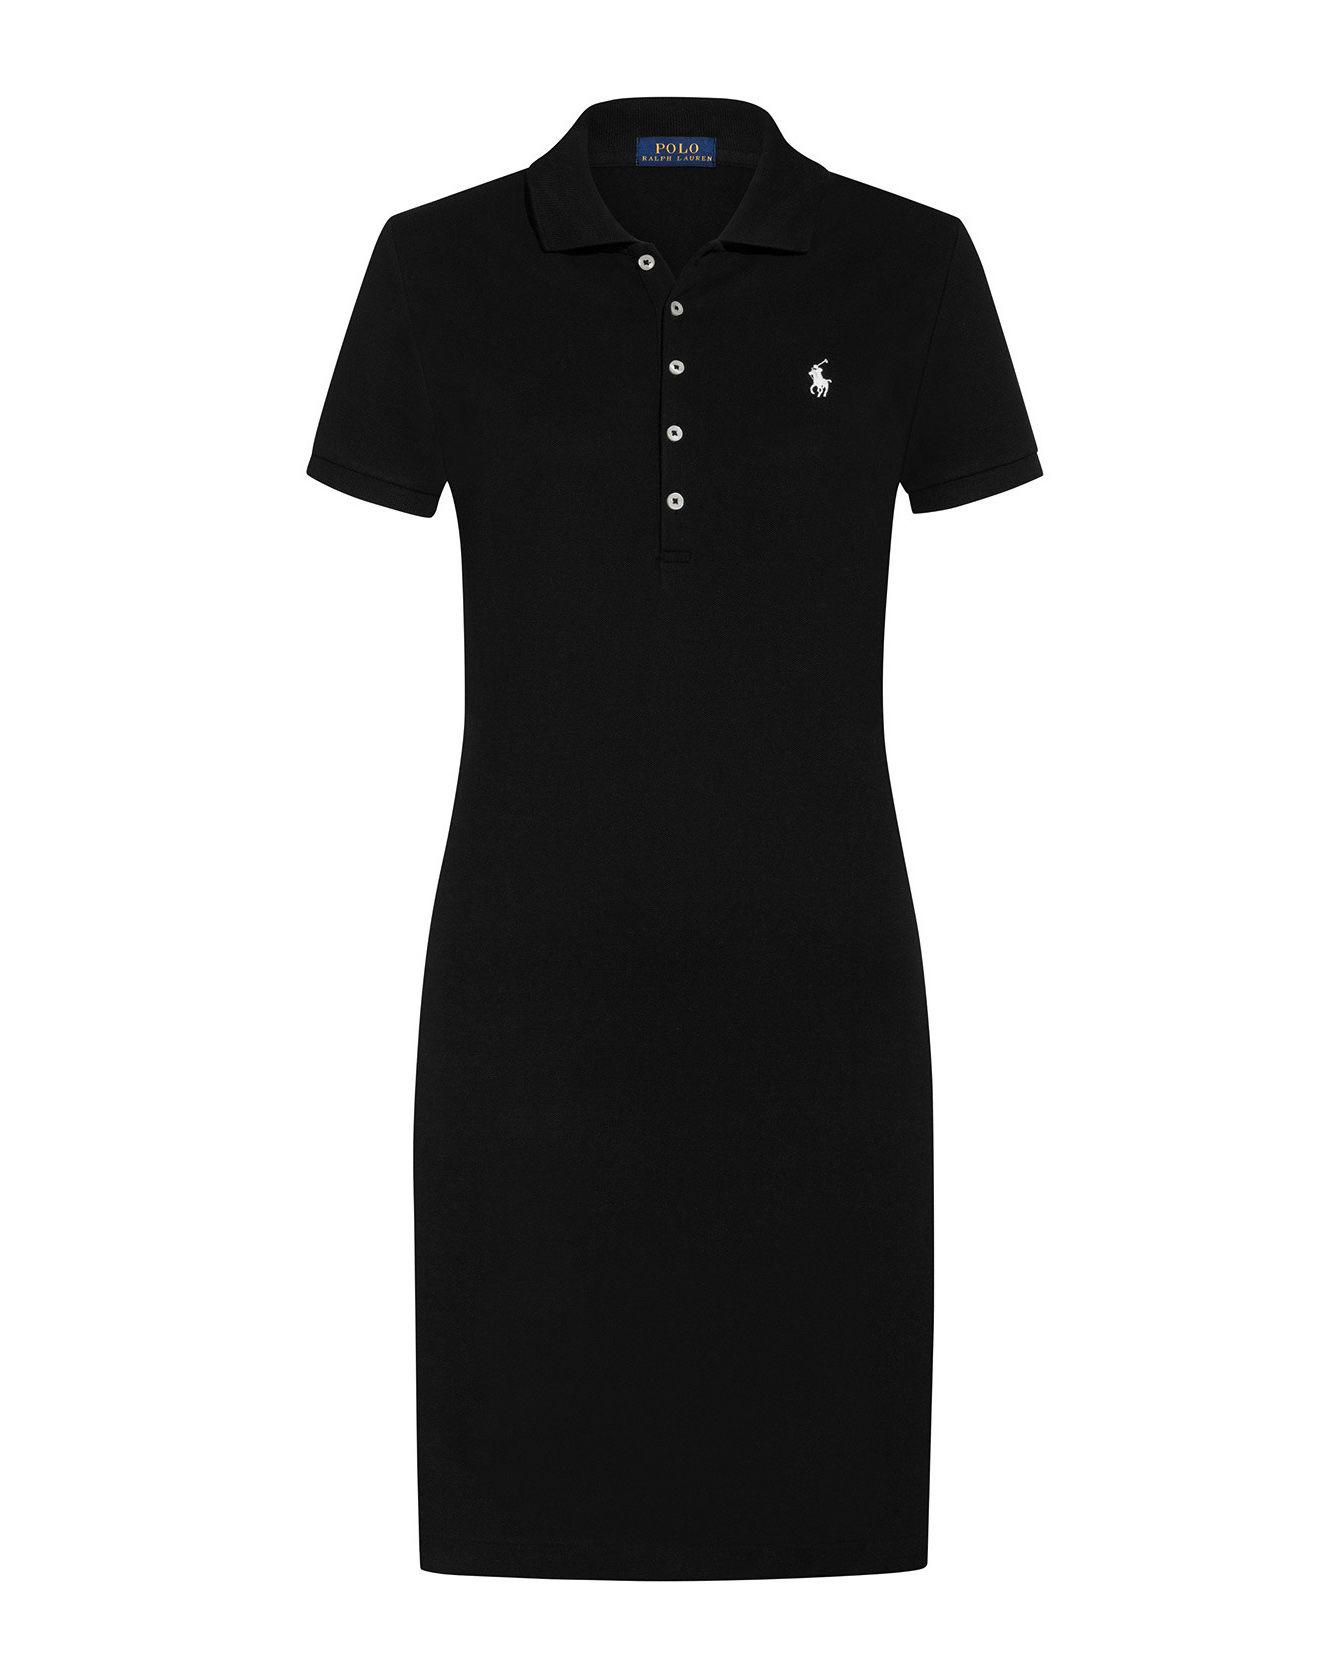 a020e66b1 Czarna sukienka RALPH LAUREN – Kup Teraz! Najlepsze ceny i opinie! Sklep  PlacTrzechKrzyzy.com